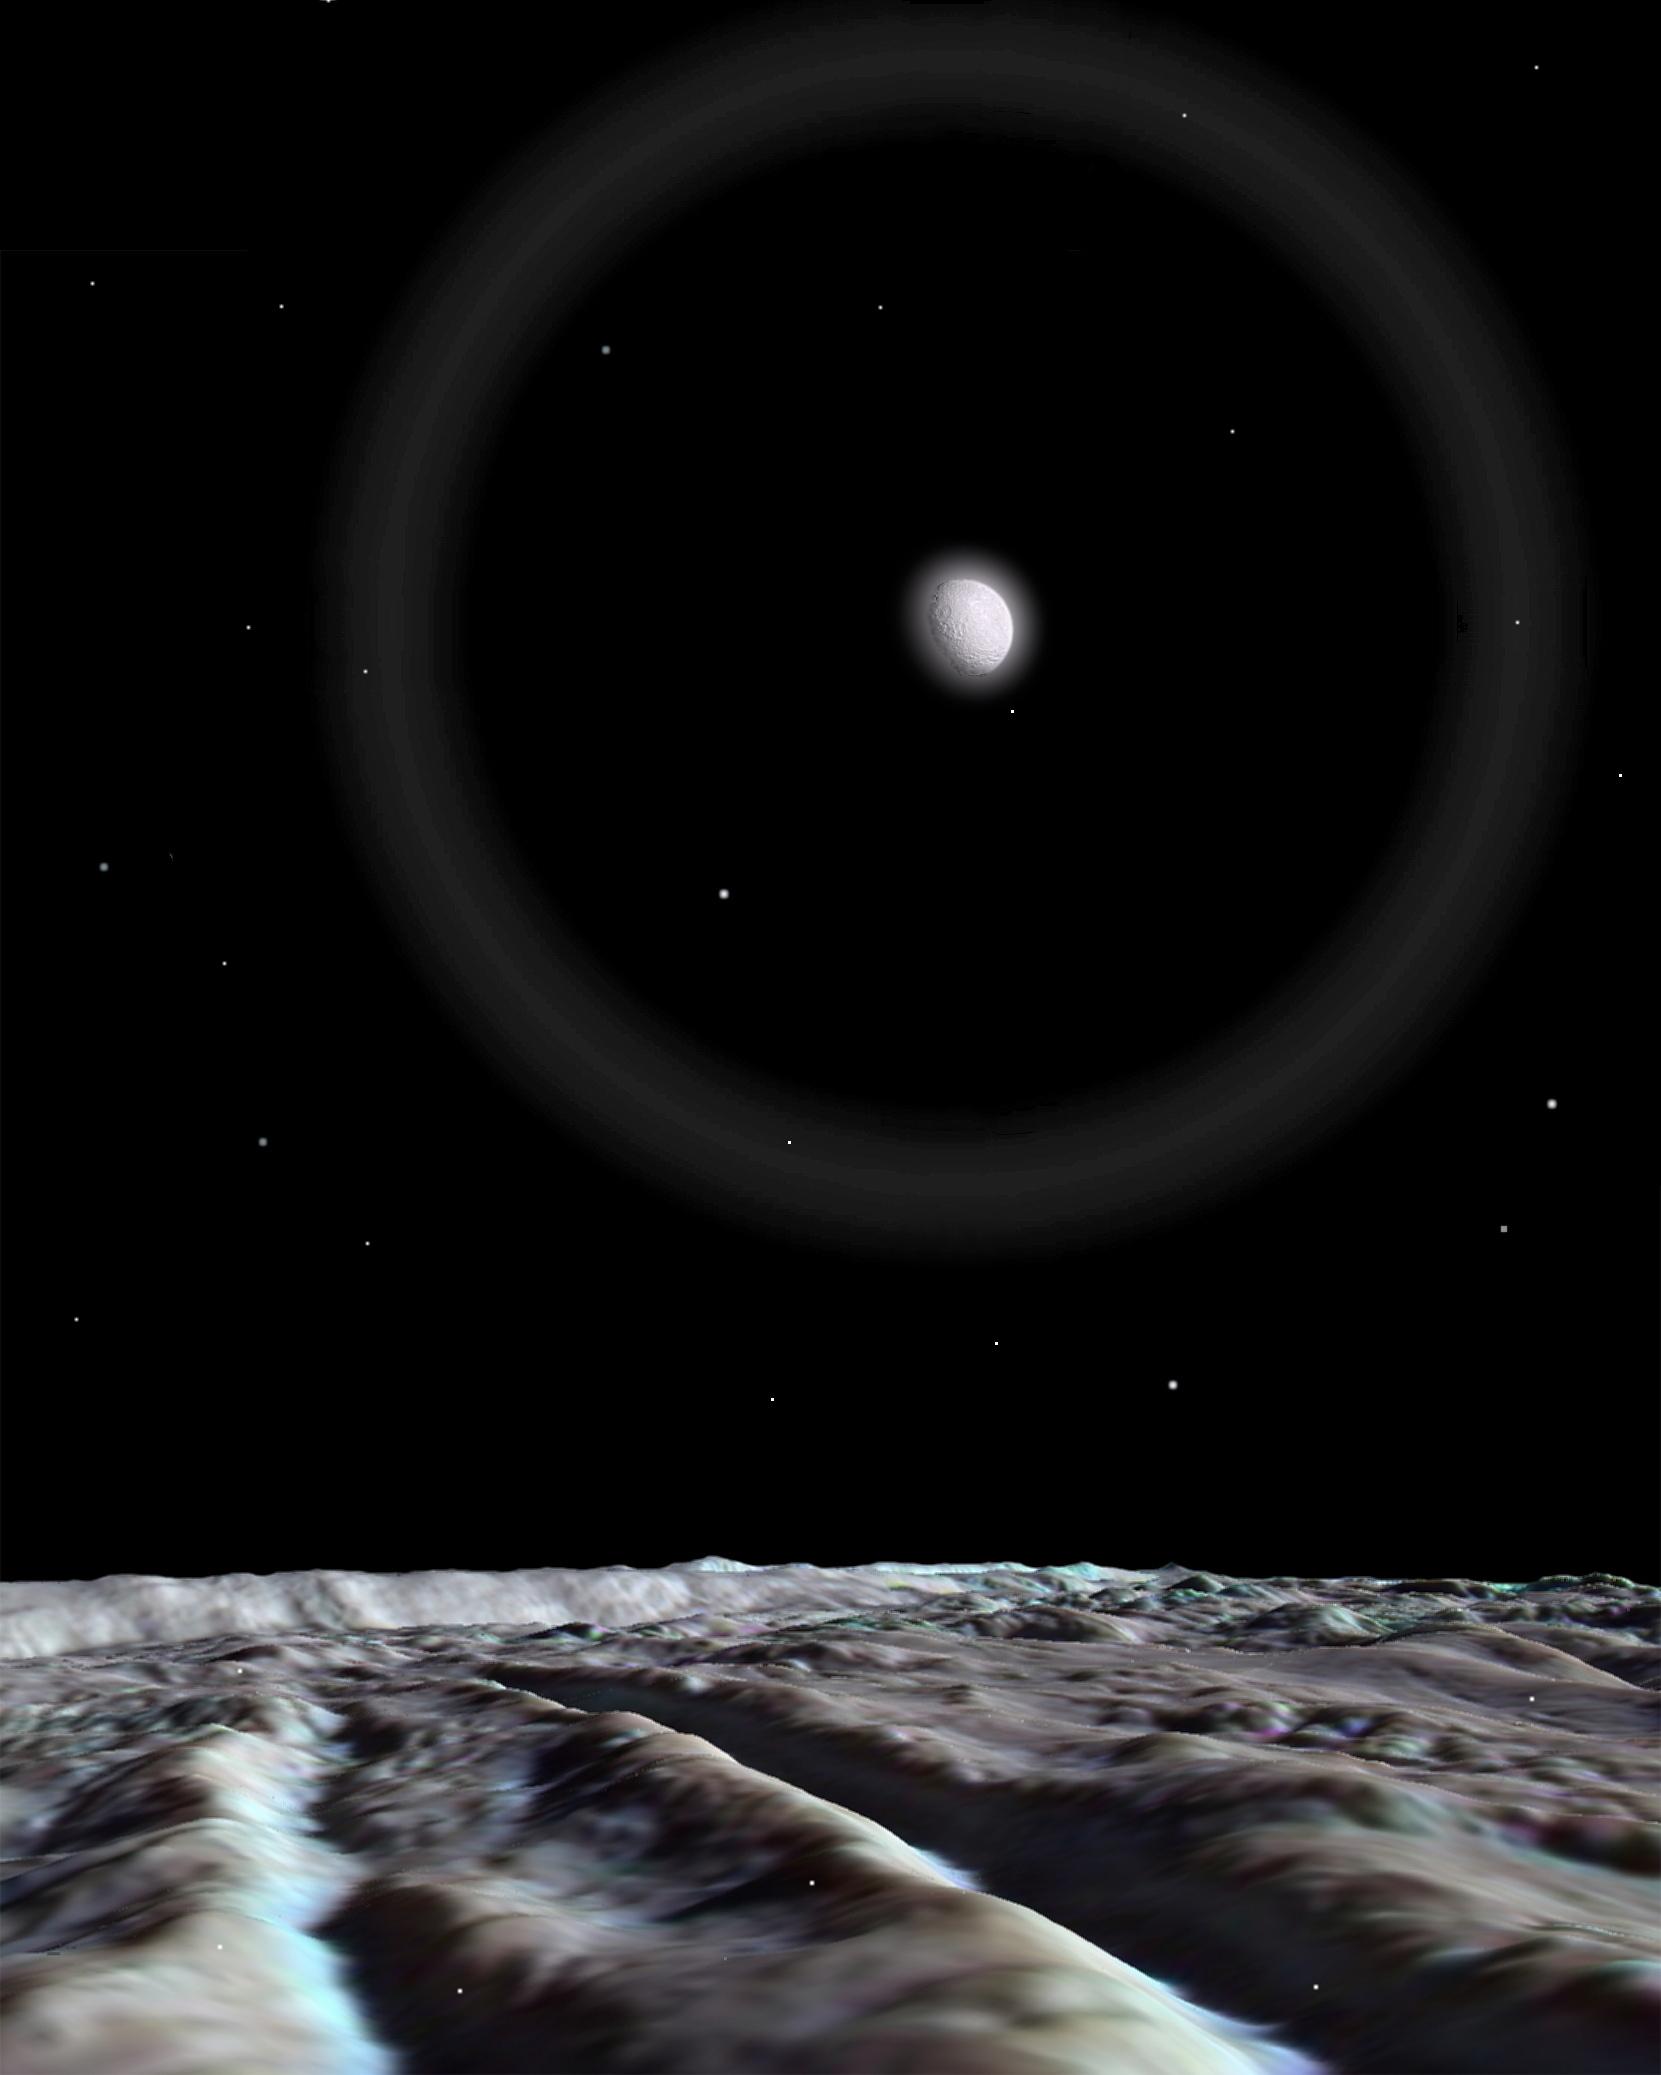 Snow on Saturn's Moon Enceladus